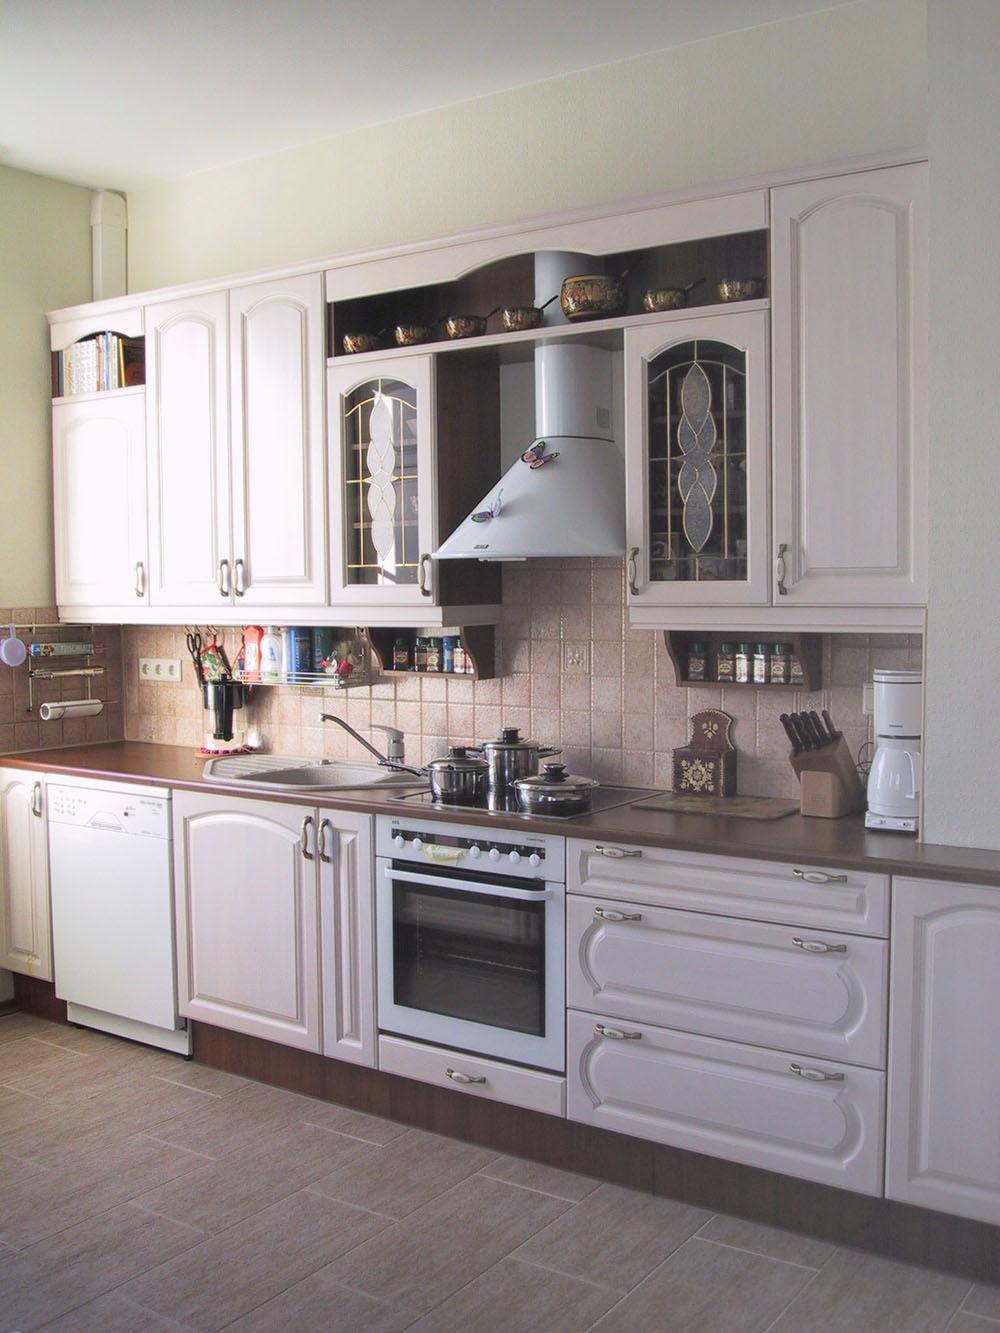 UNIMÖÖBEL OÜ köögimööbel, vannitoamööbel, lükanduksed